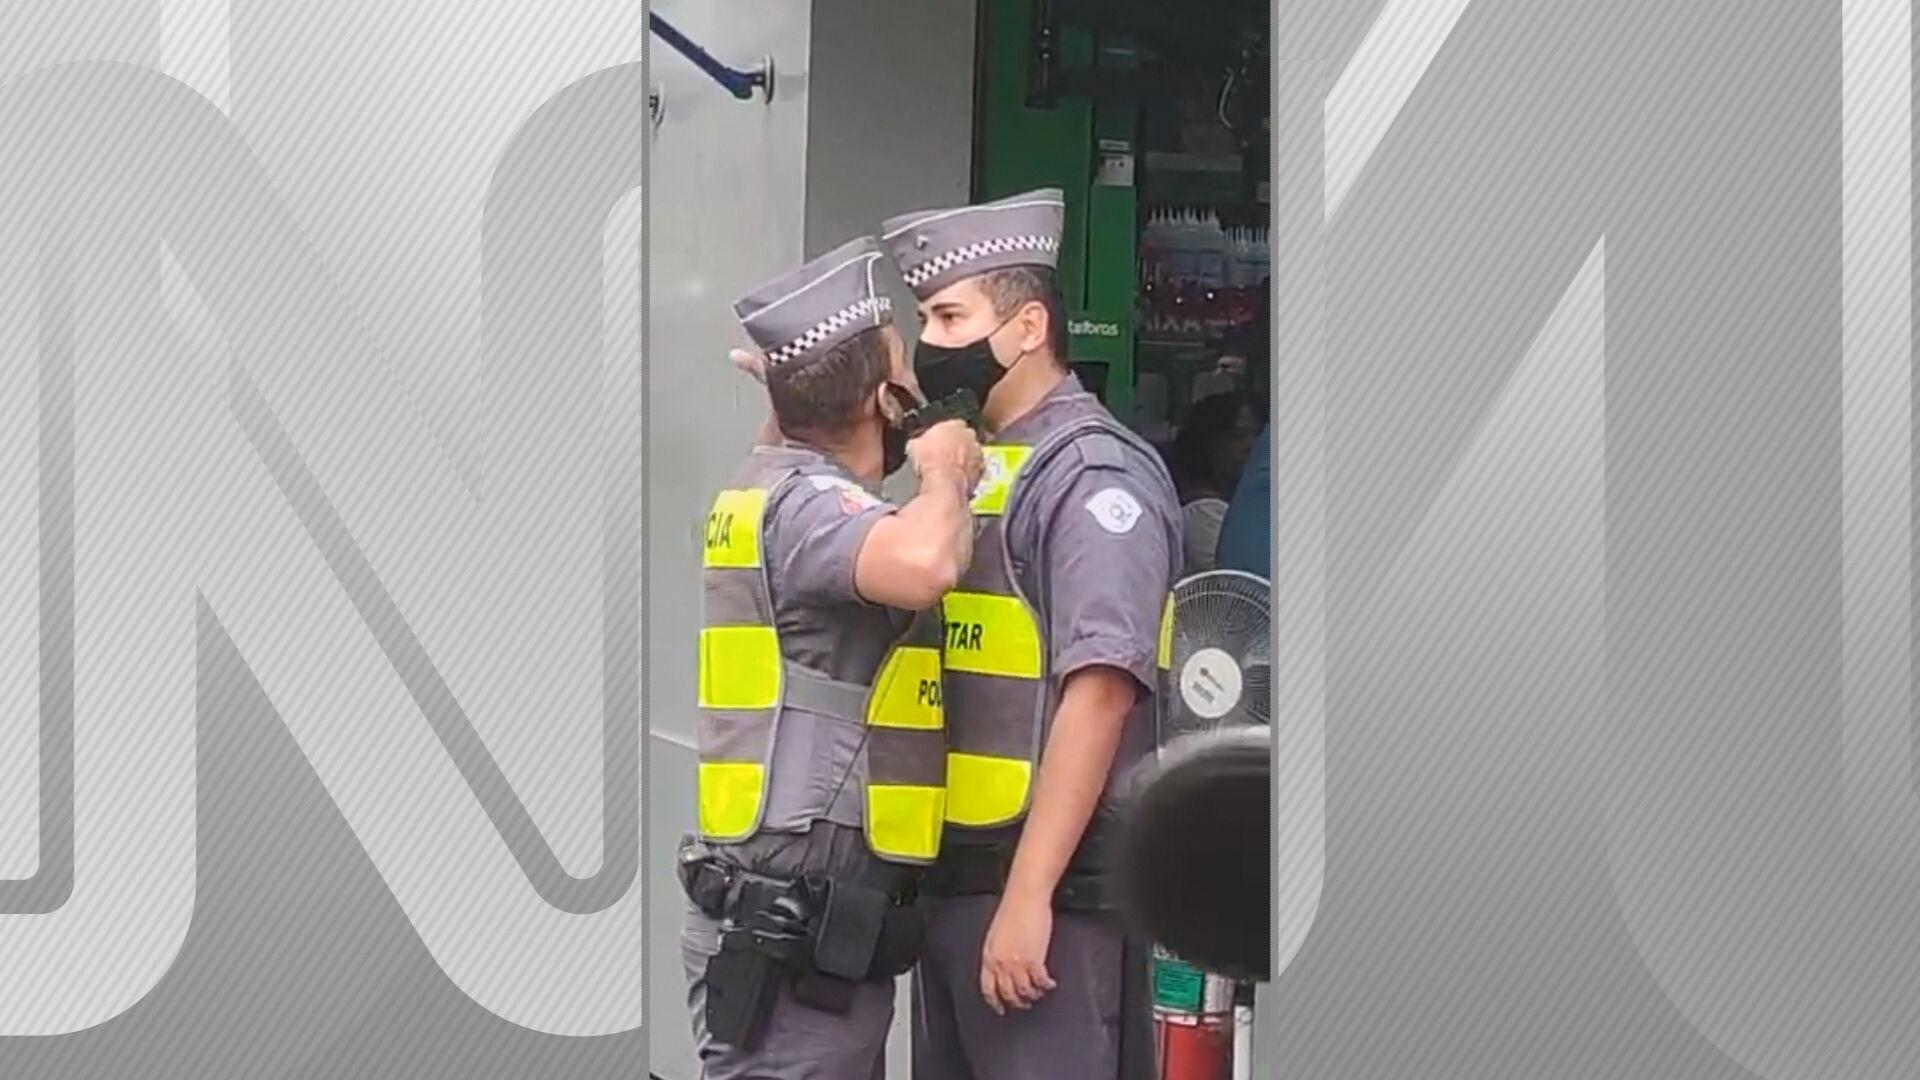 Policial aponta arma para colega no centro de São Paulo